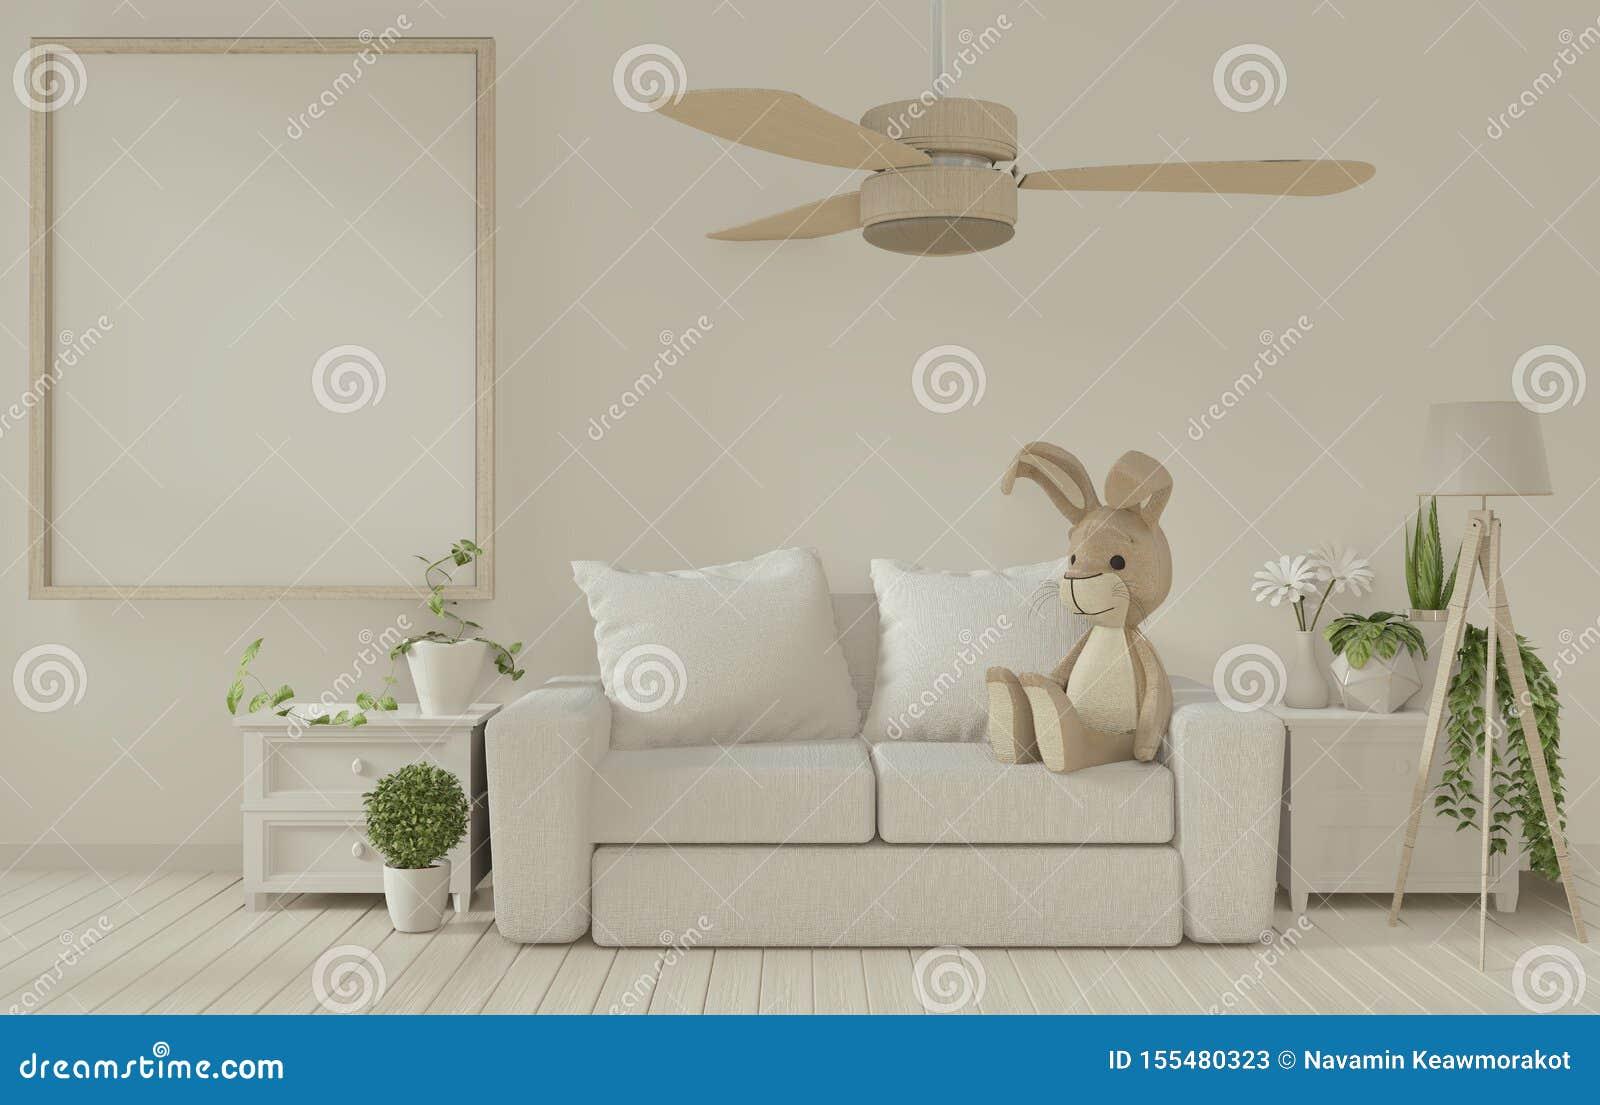 Zet het posterframe en witte sofa op de witte woonkamer binnenzijde 3D-rendering